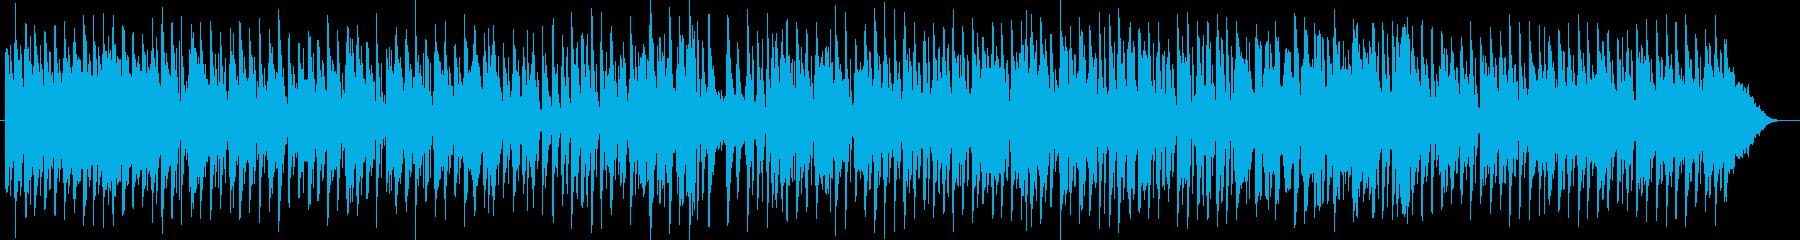 アコーディオンが優雅なイージーリスニングの再生済みの波形